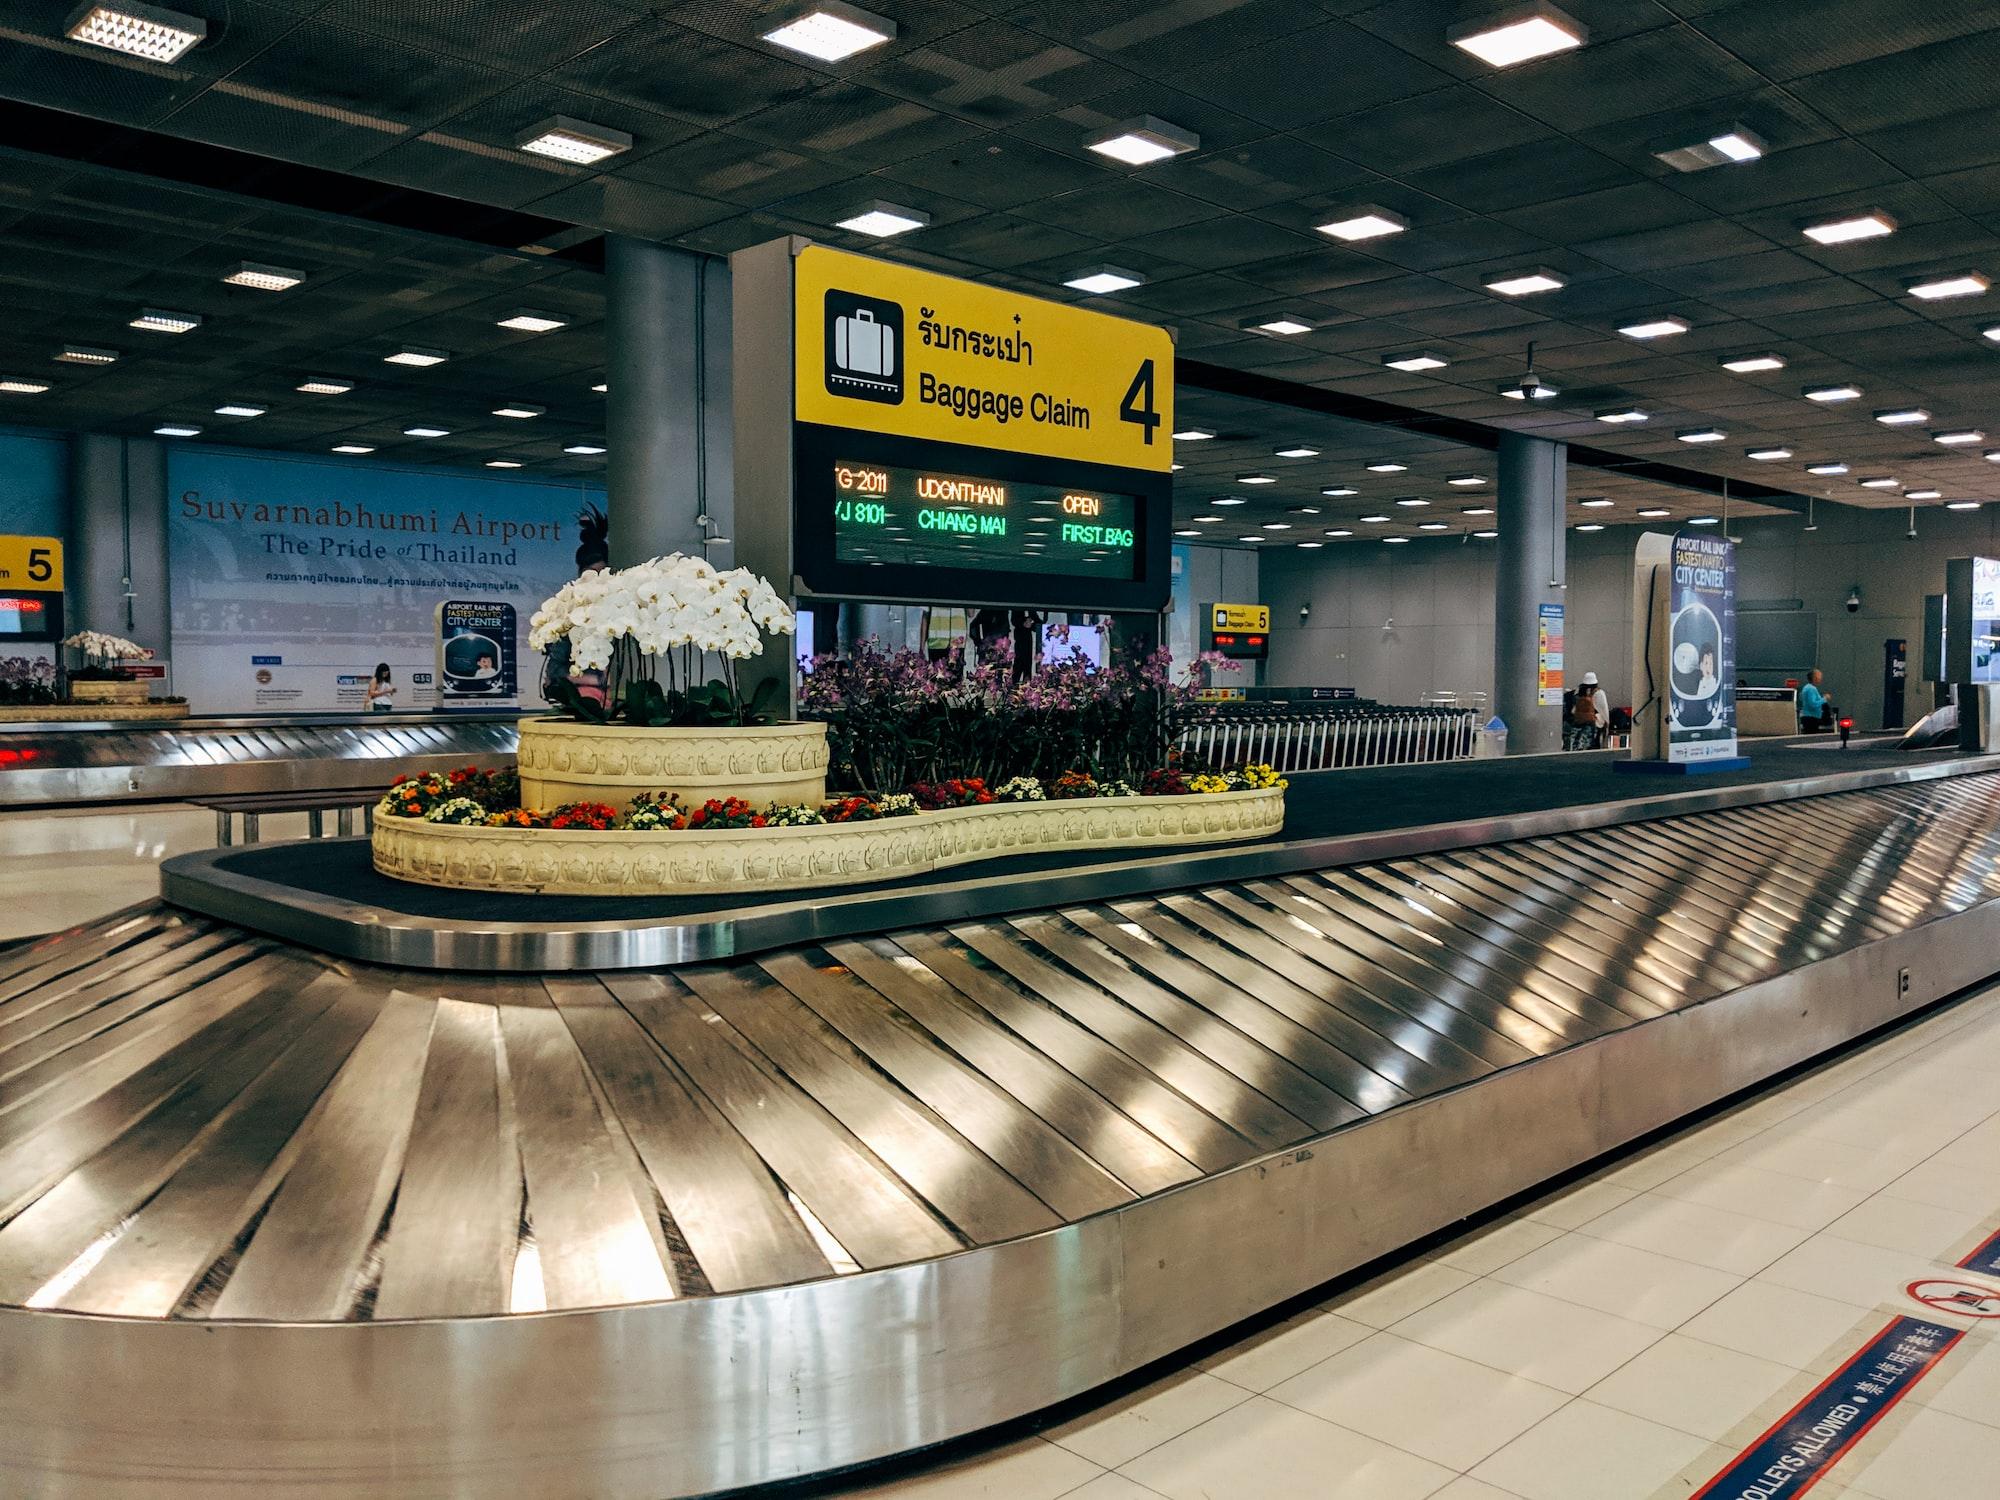 Lennupagasiga seotud probleemide arv on tõusuteel